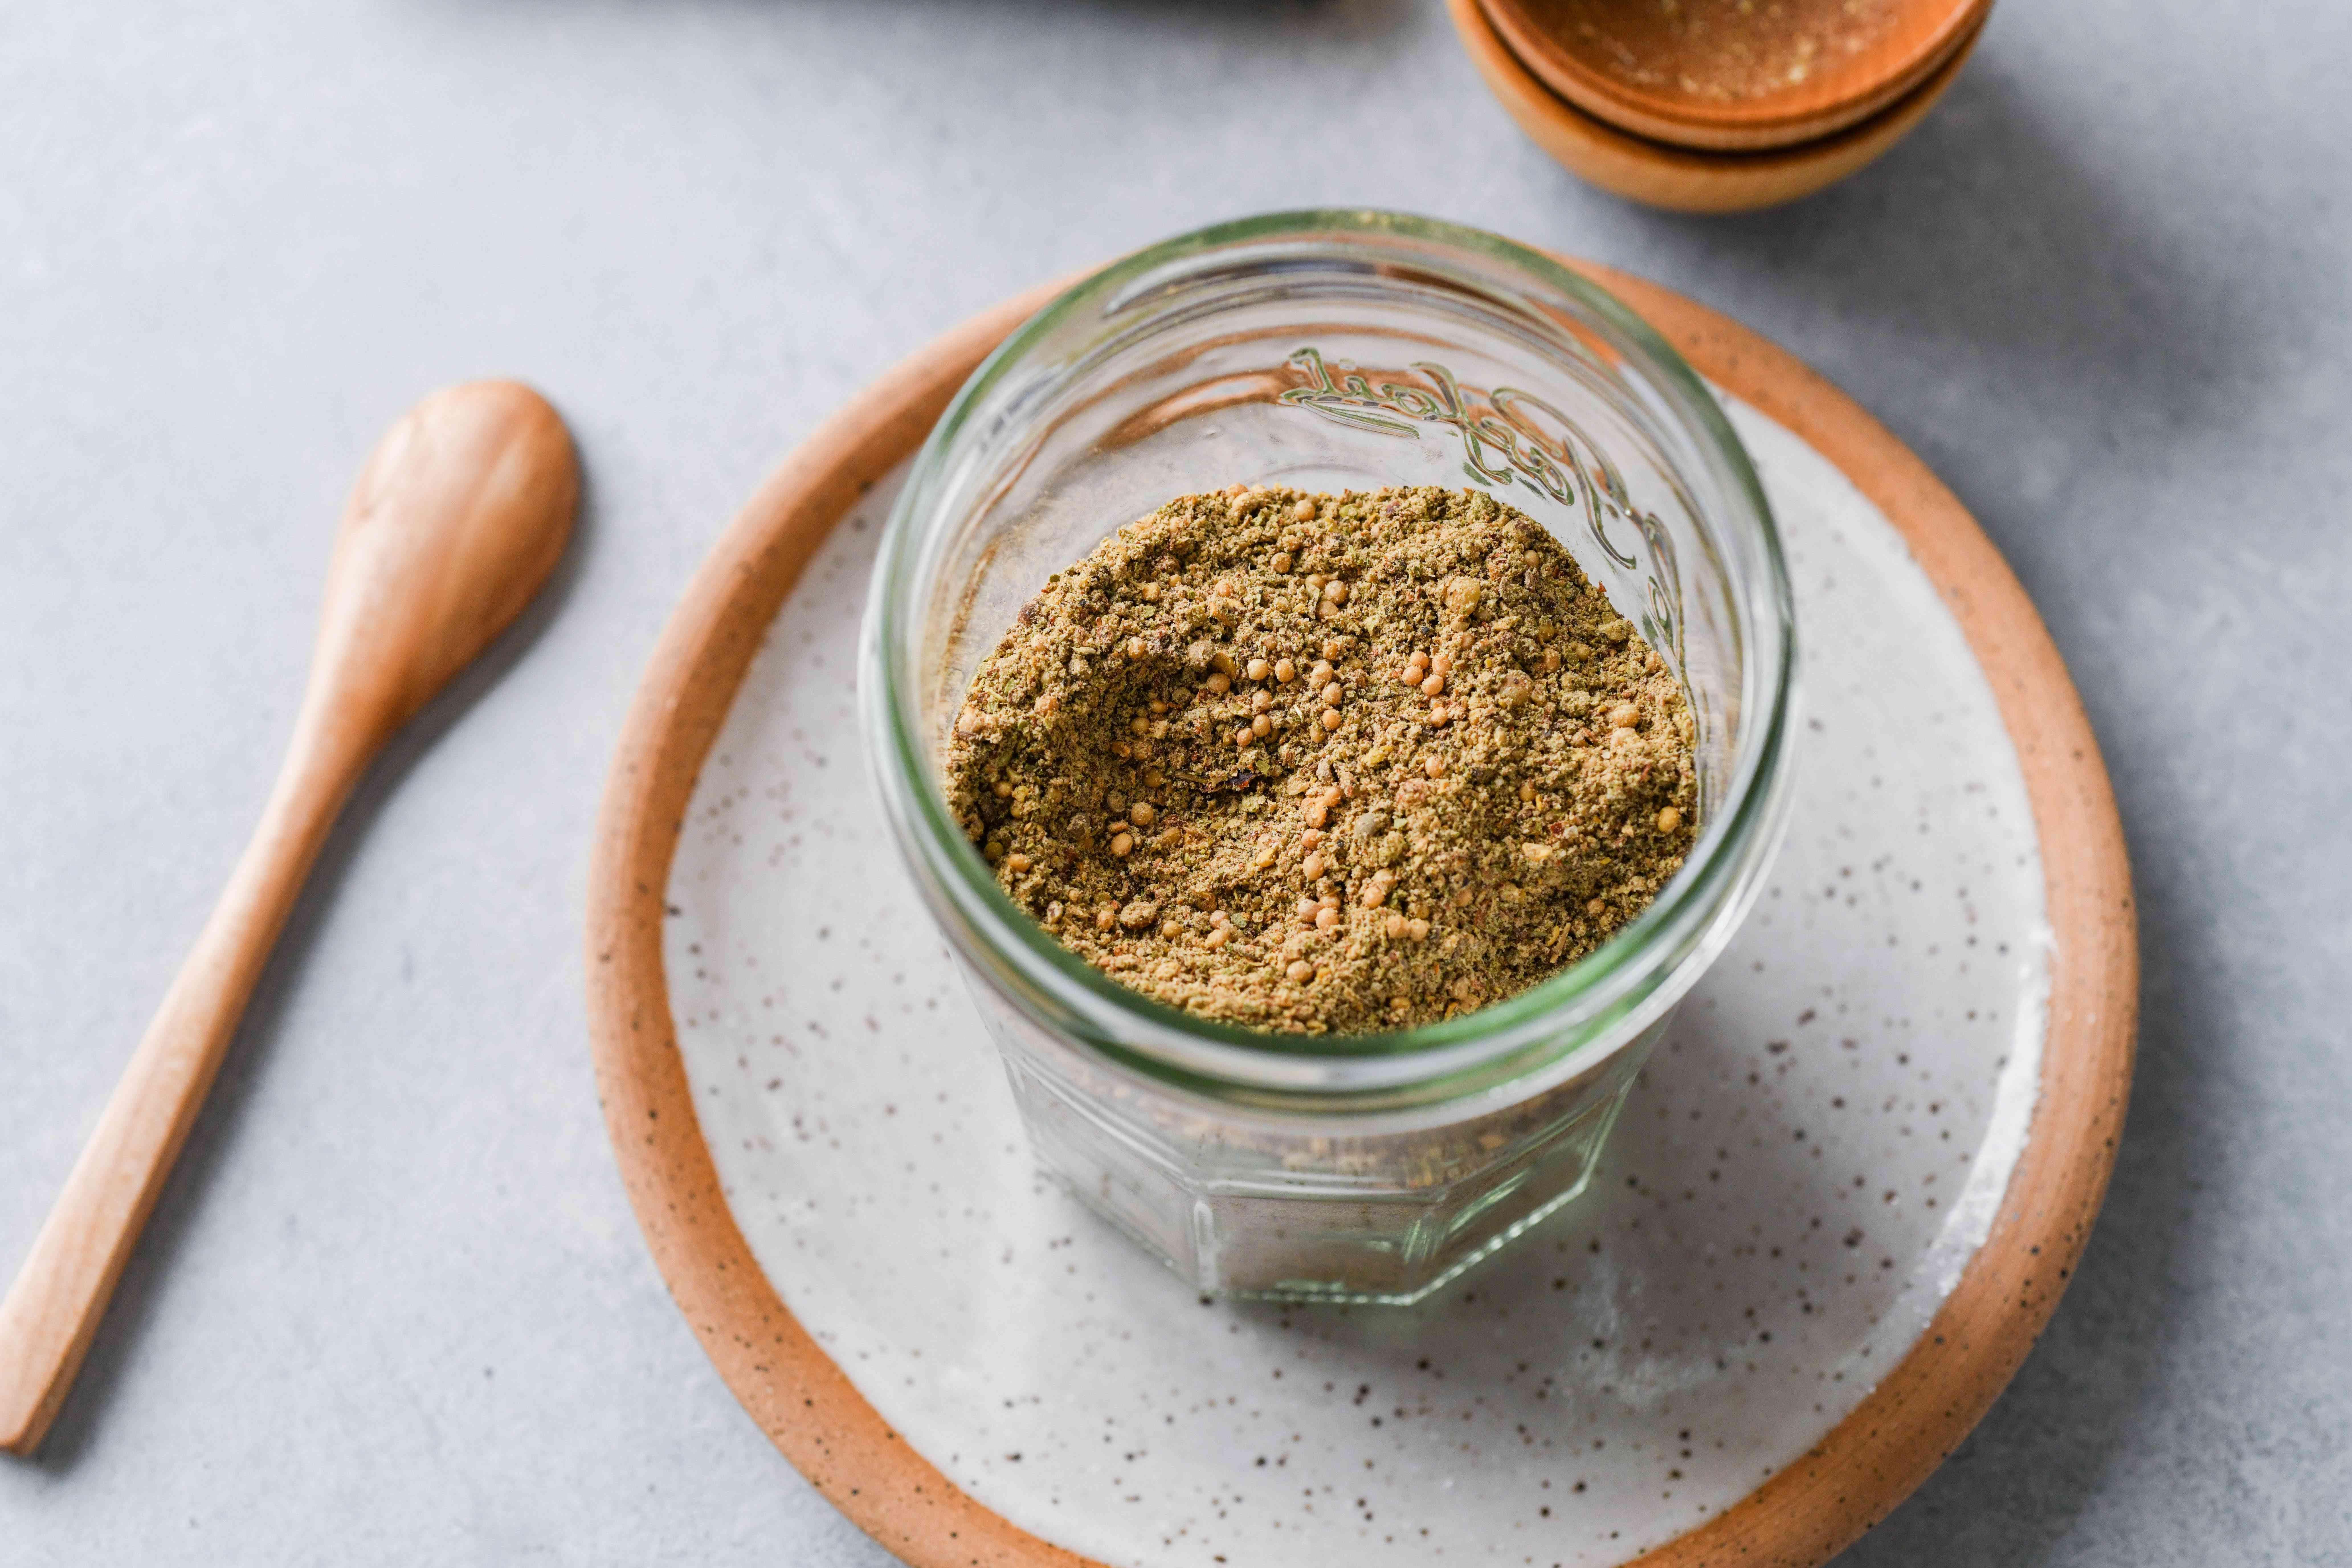 Crab Boil Spice Mix in a jar